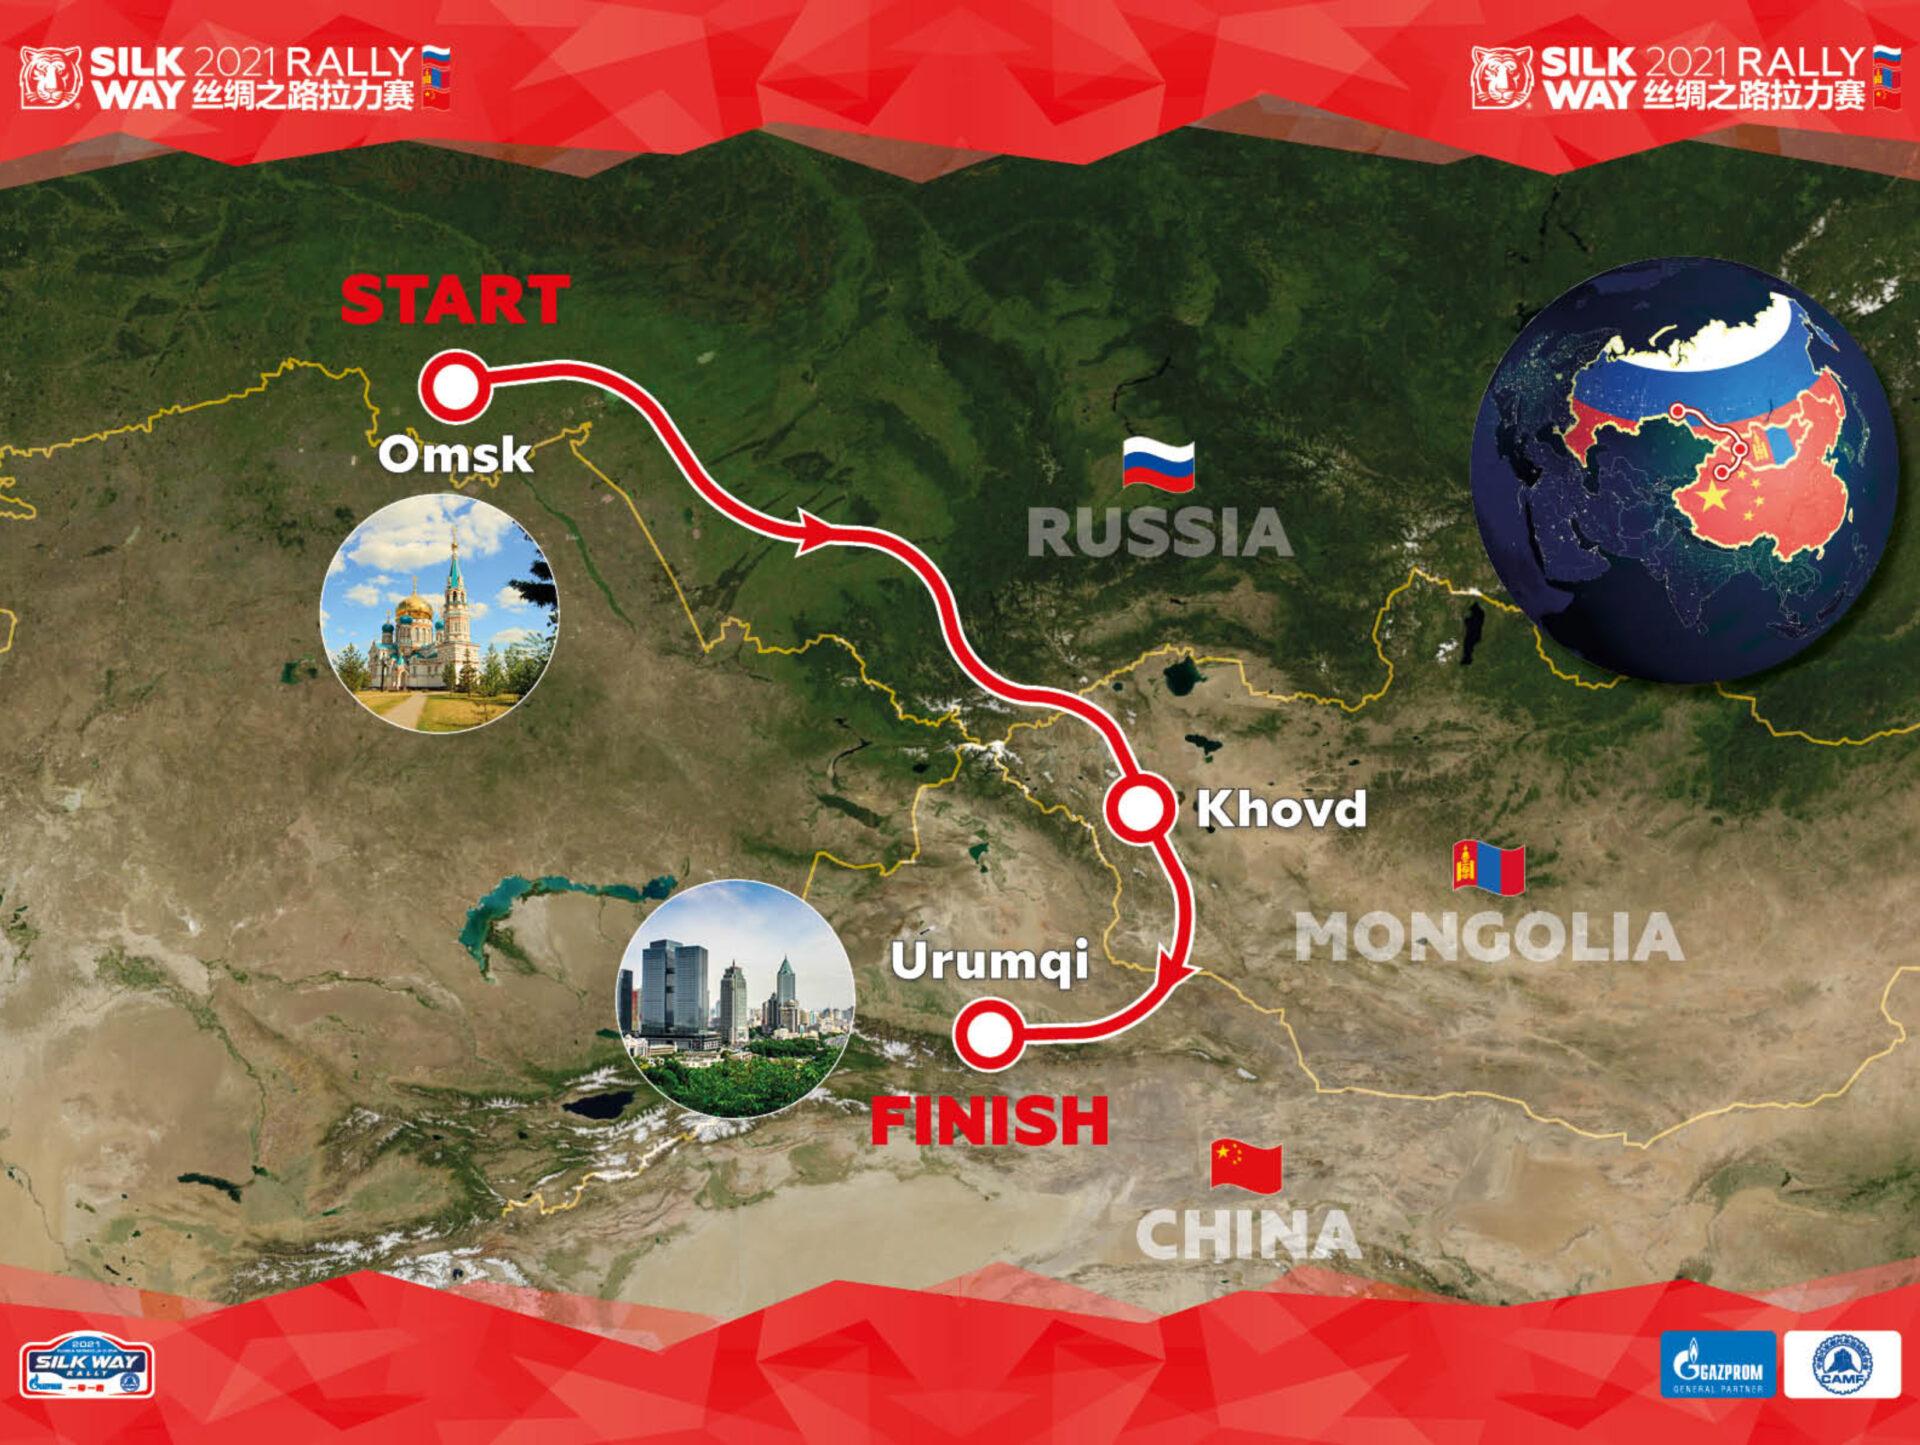 Silk Way Rally 2021 news